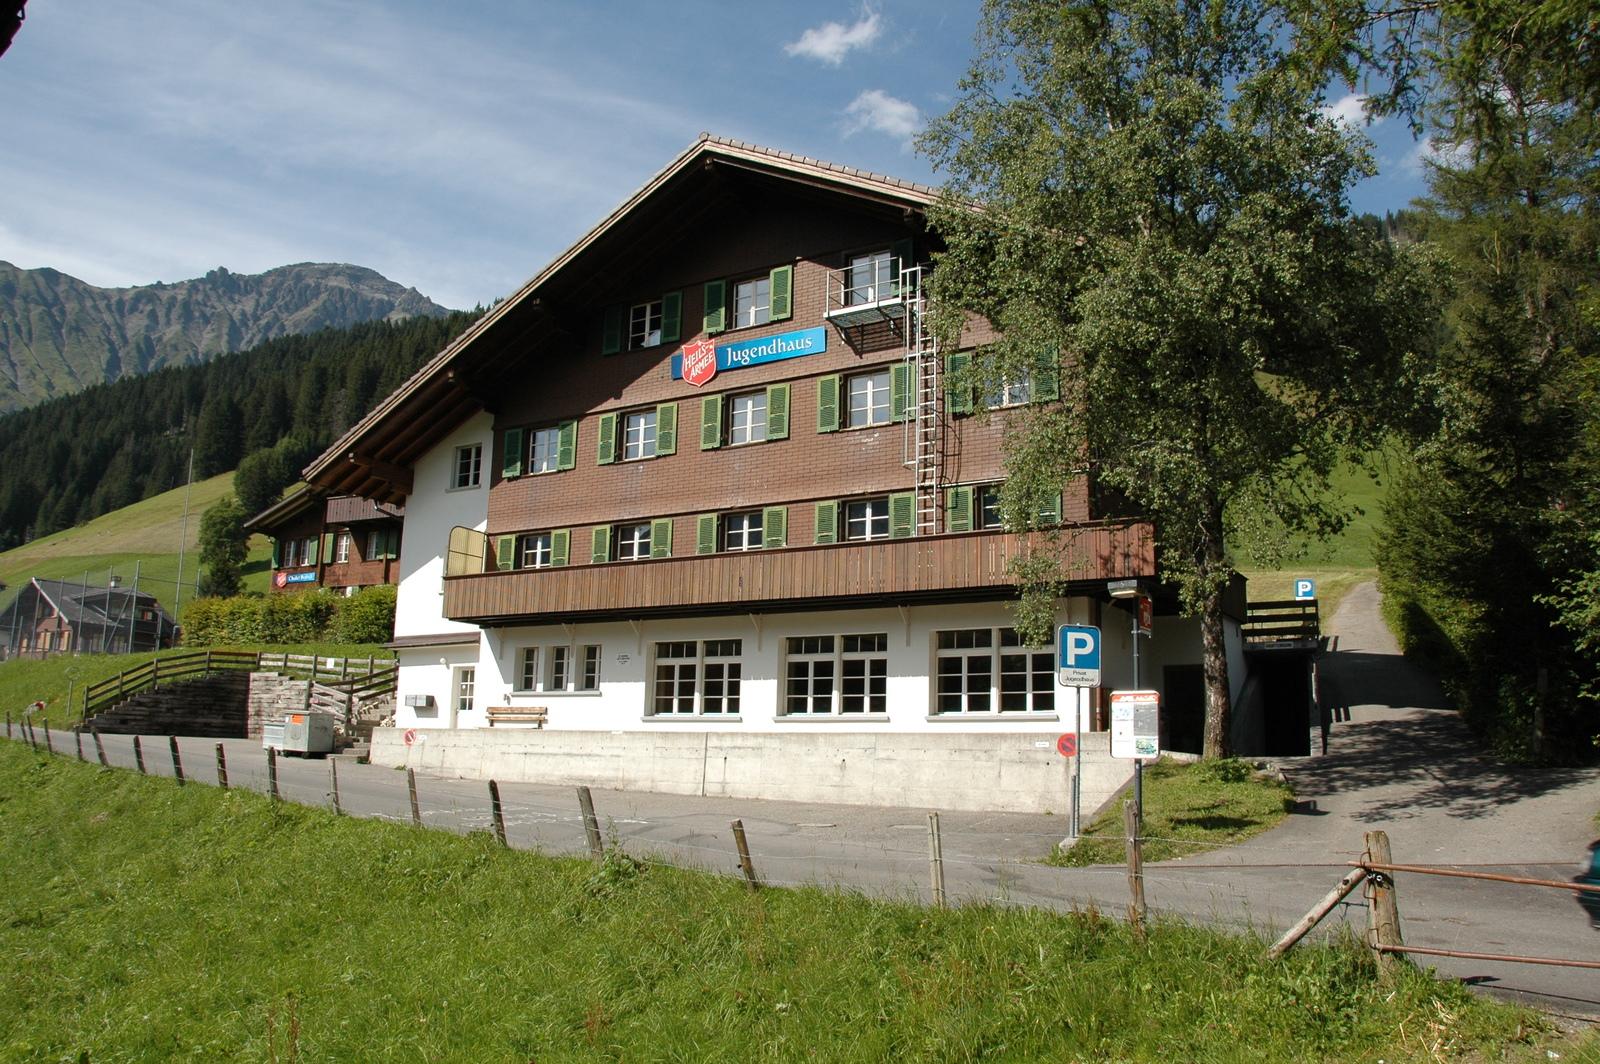 Jugendhaus der Heilsarmee, 3715 Adelboden - 9630 - Frontansicht